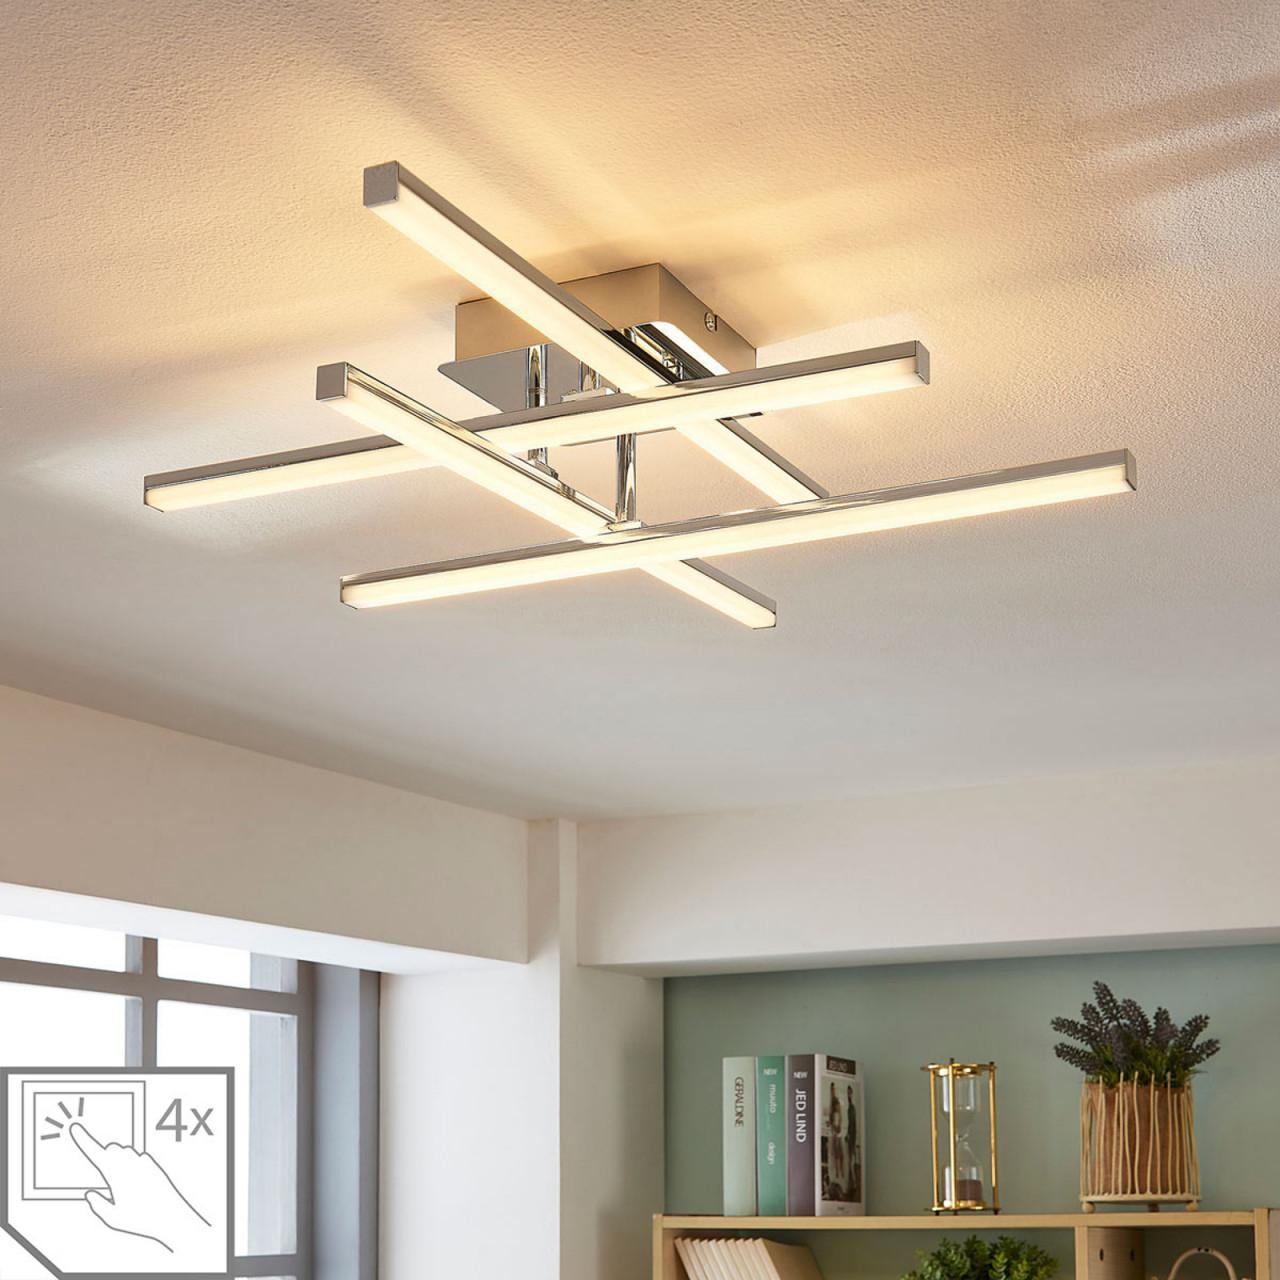 Möbel  Wohnaccessoires Küche Haushalt  Wohnen Für von Wohnzimmer Lampe Modern Bild